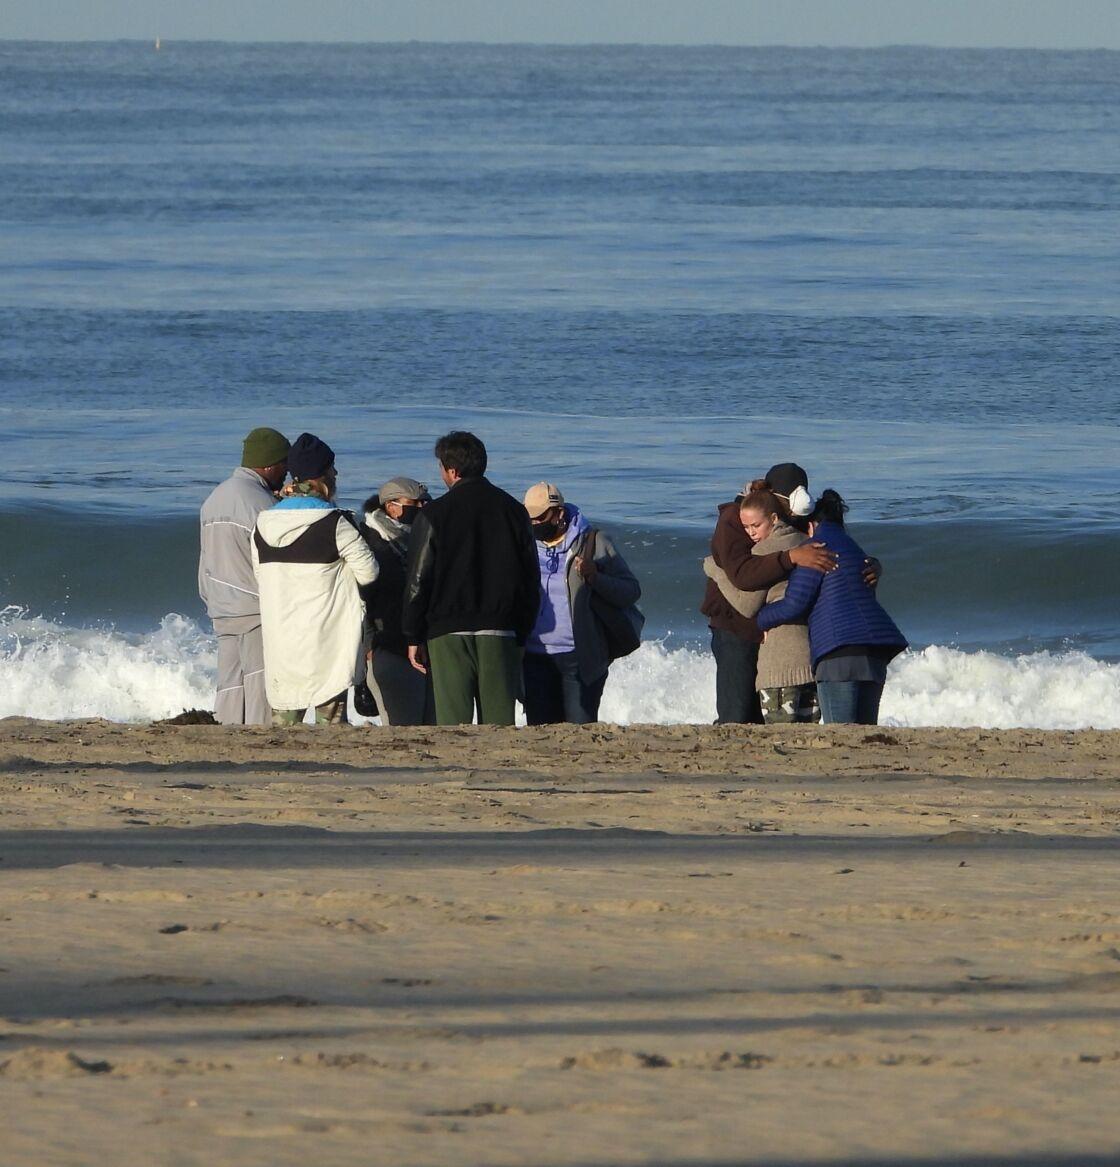 La famille de Shad Gaspard, réunie sur la plage le 20 mai 2020